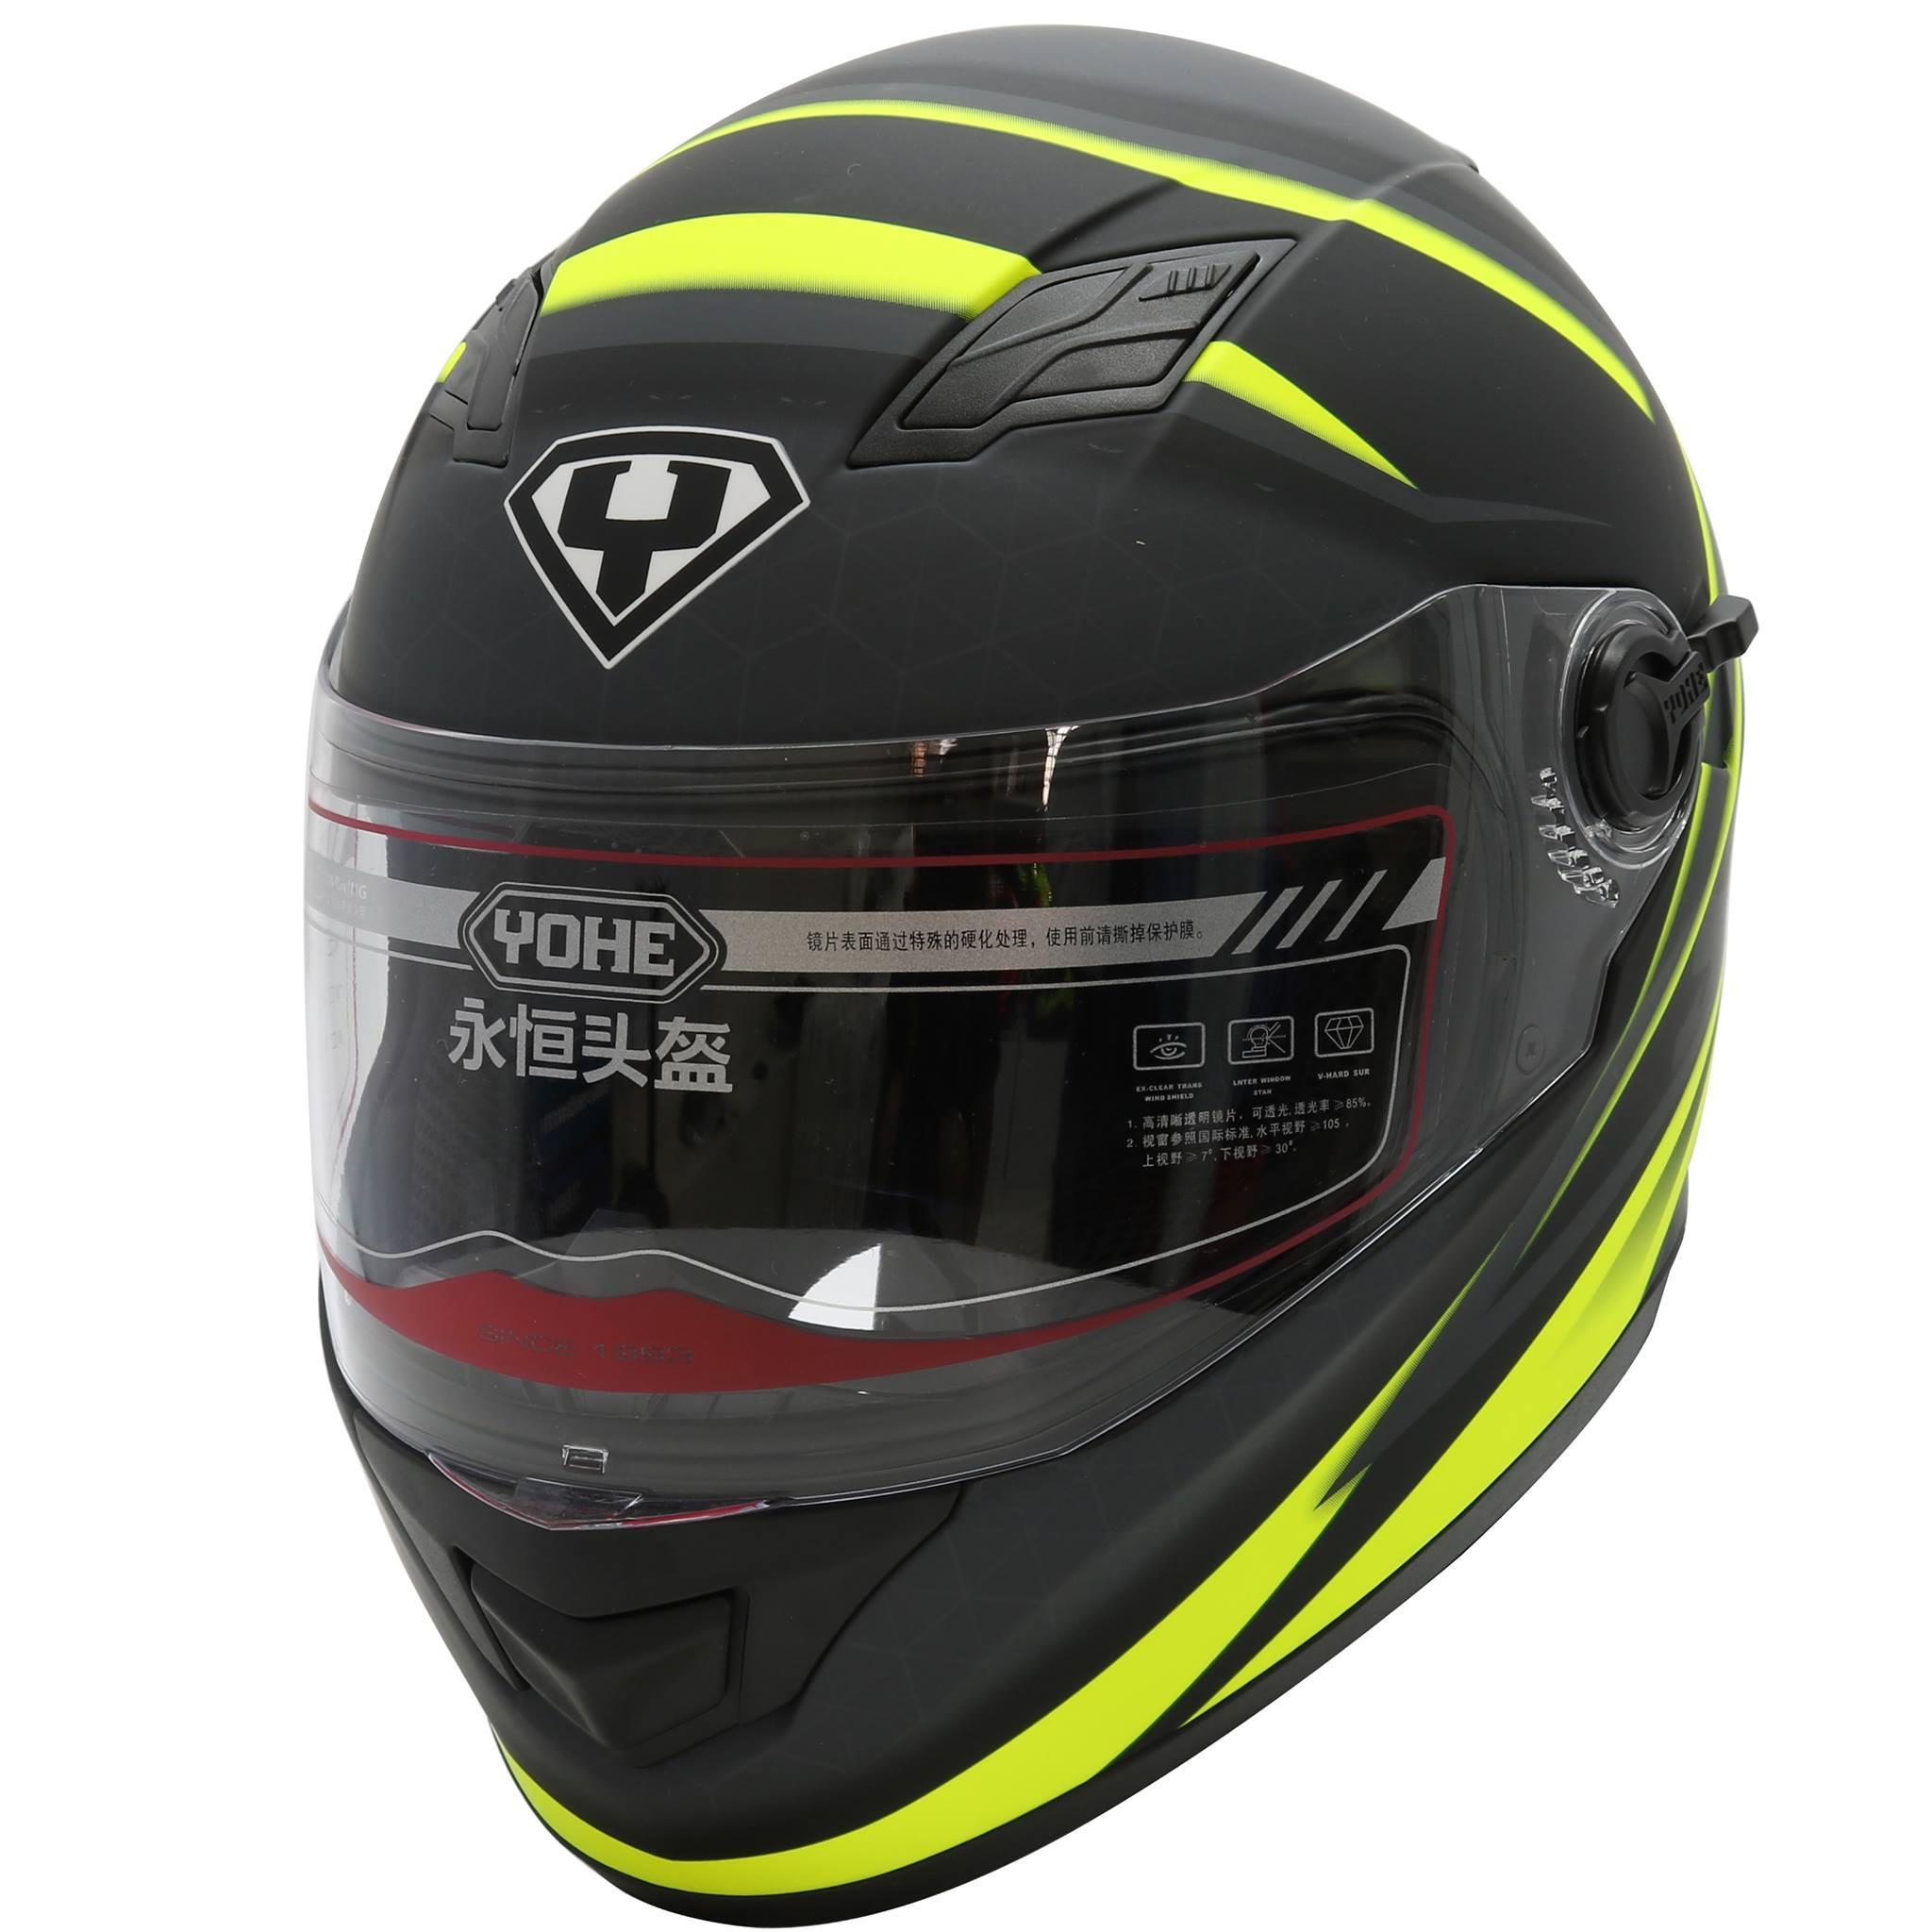 Nón bảo hiểm fullface Yohe 970 đen xanh dạ quang